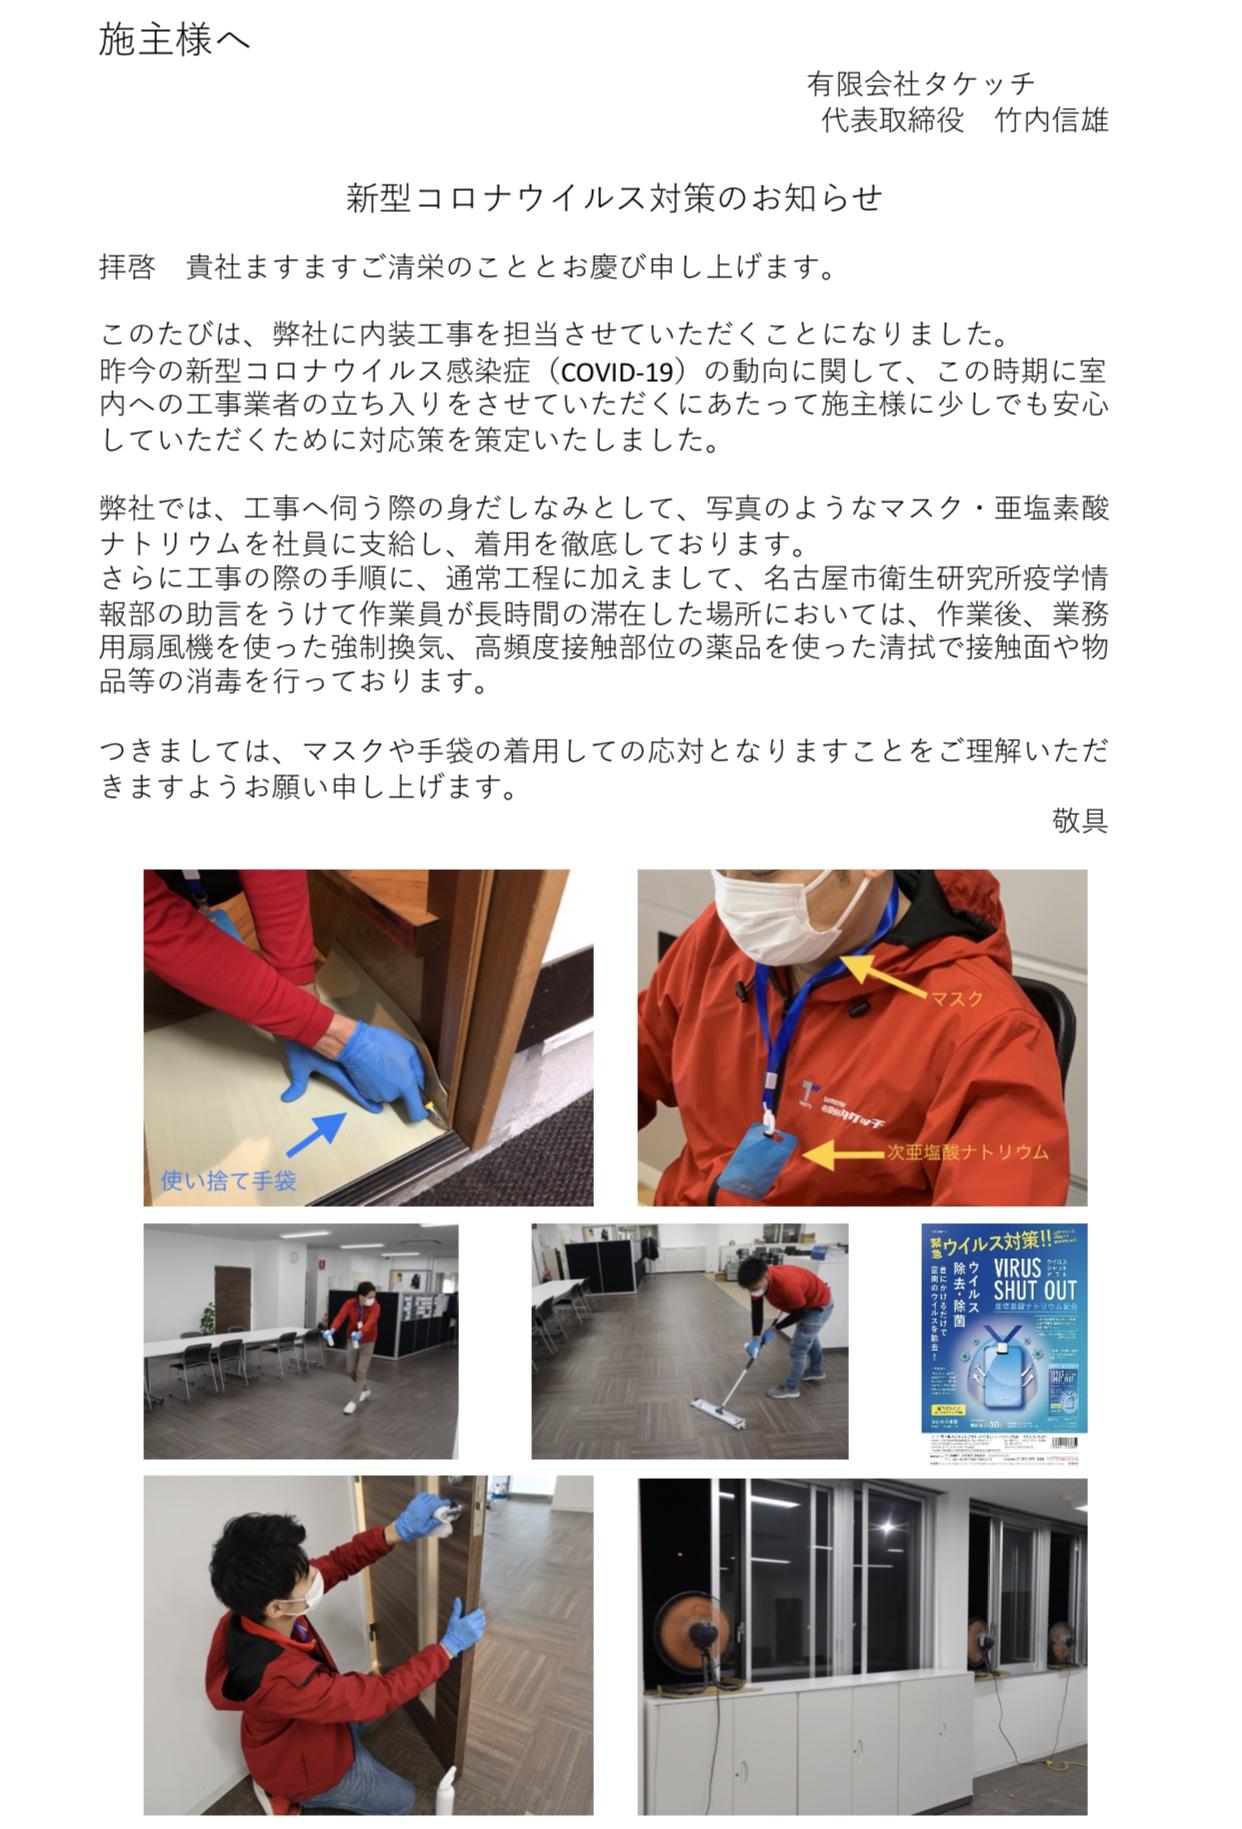 工事時コロナウイルス対策のお知らせ